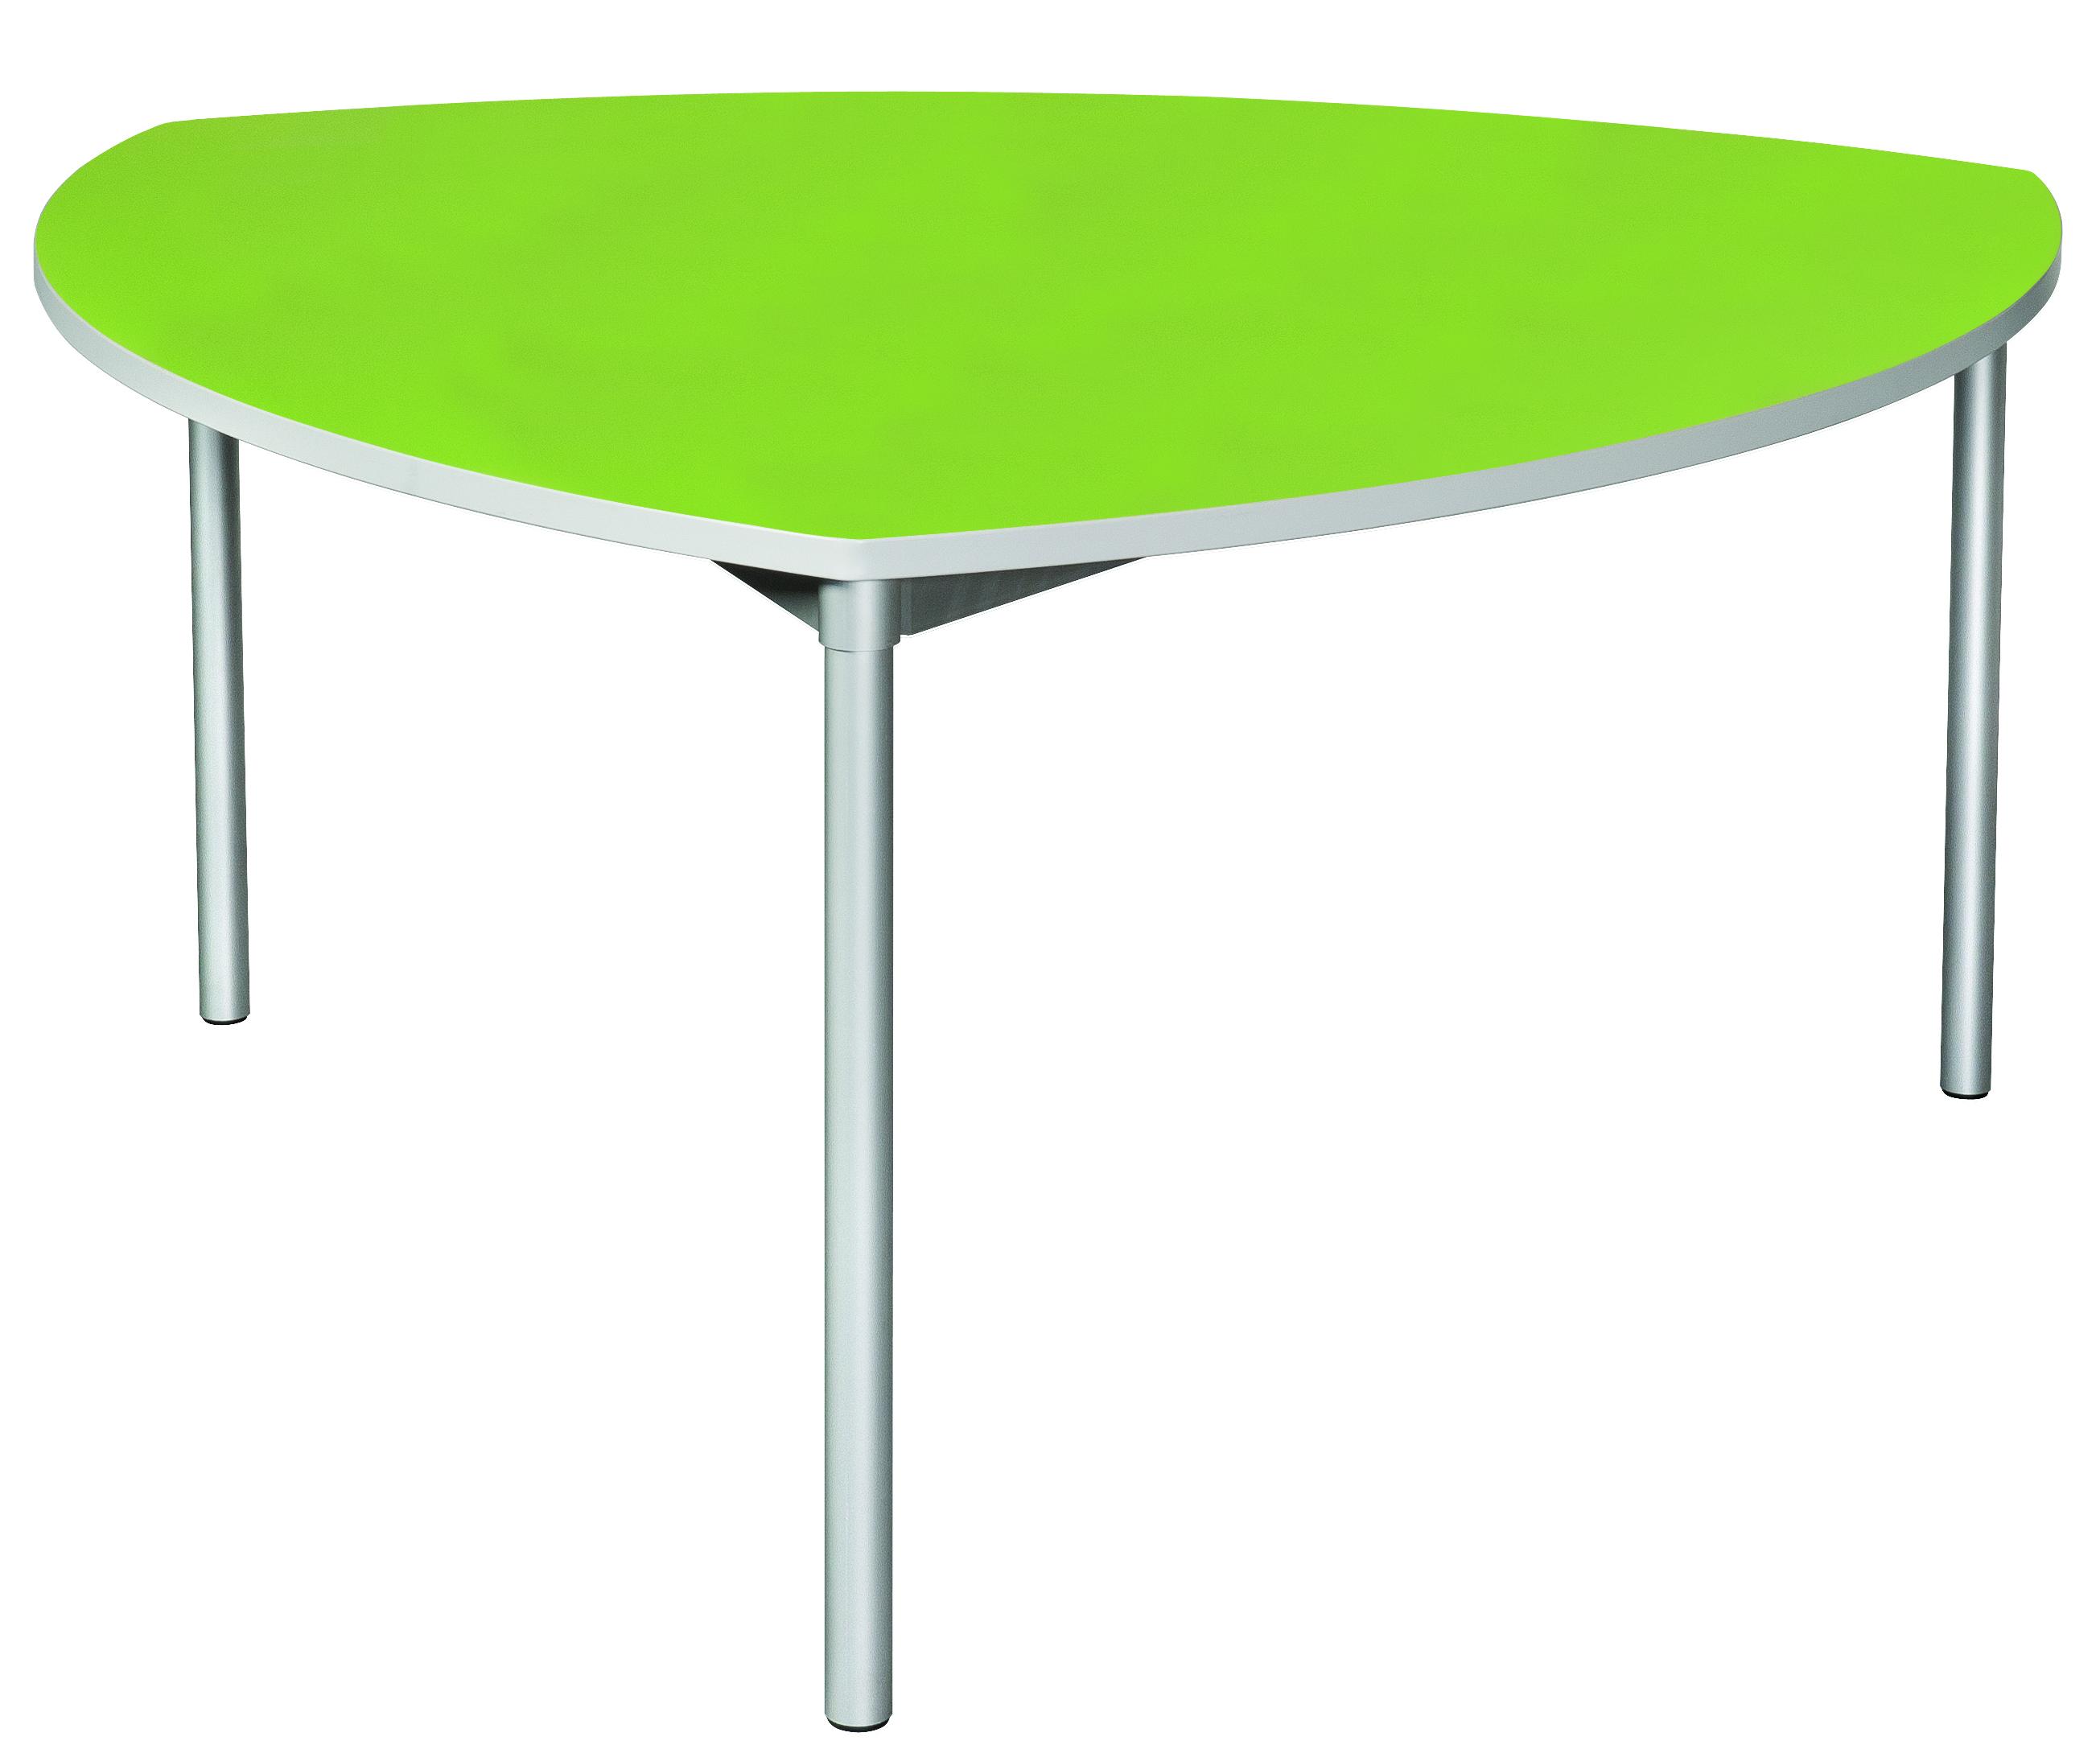 ENVIRO SHIELD TABLE